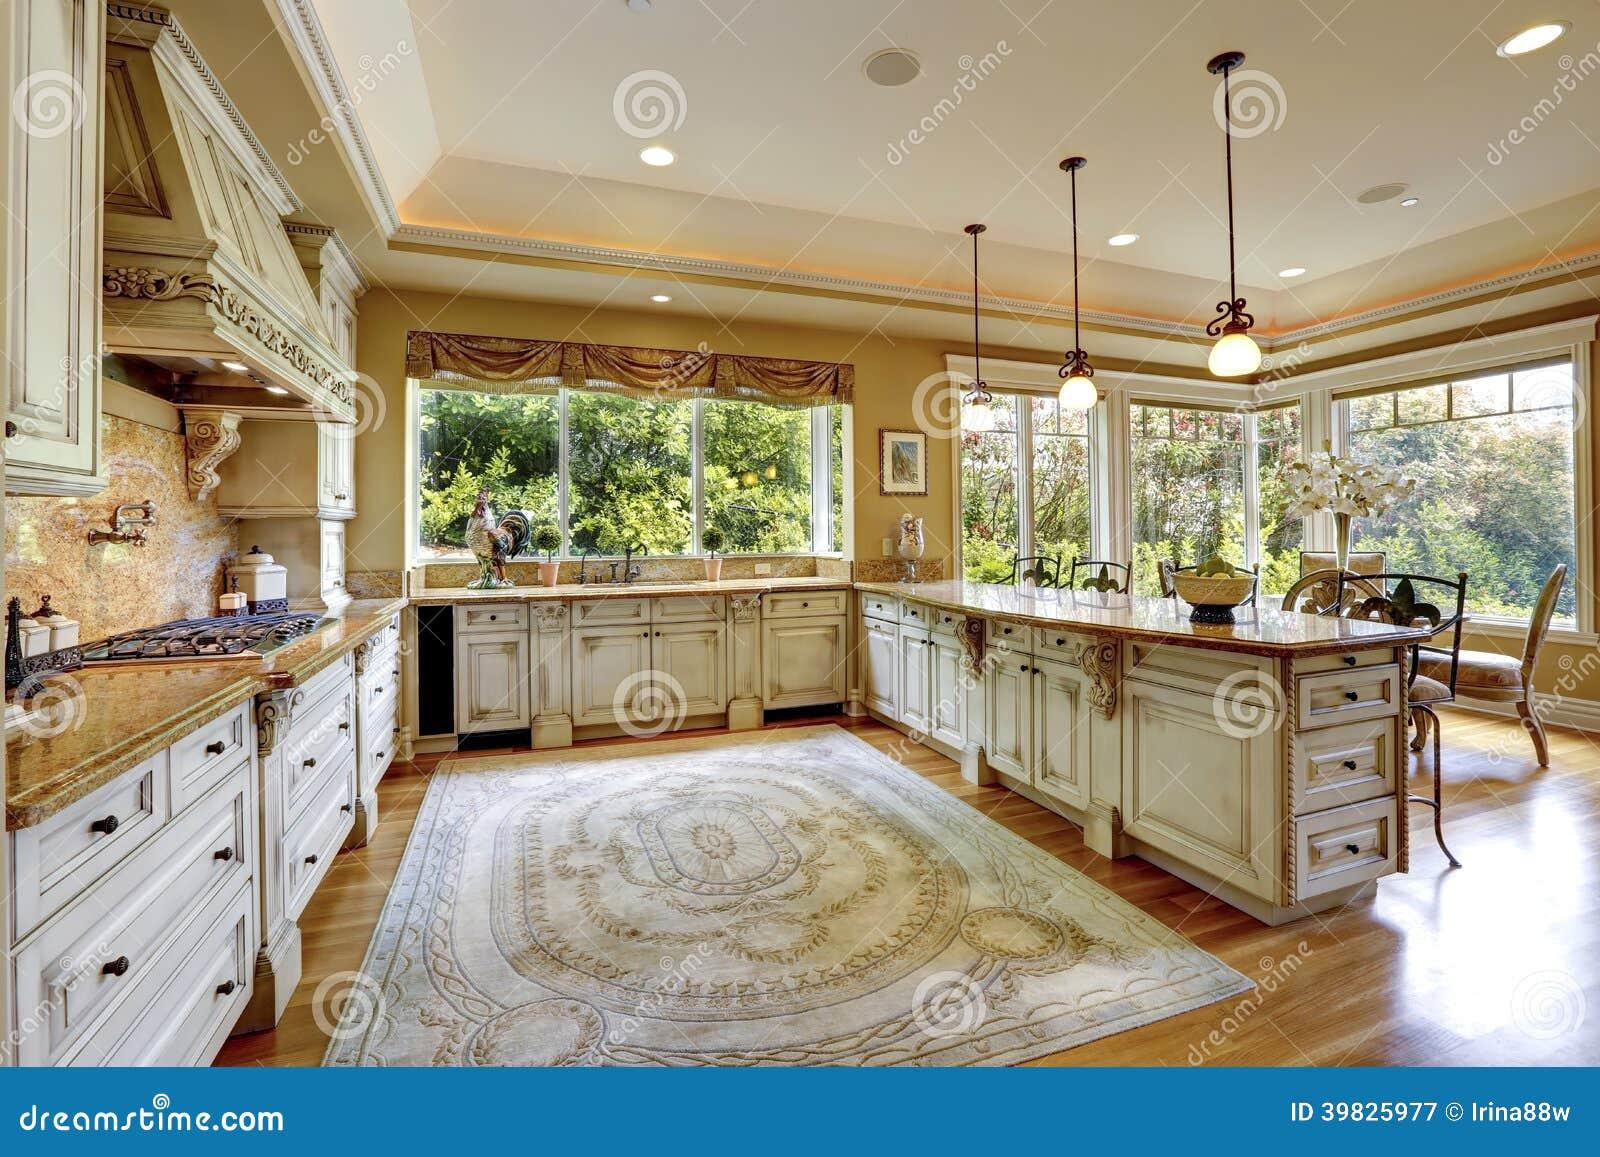 Luxury house interior antique kitchen cabinets stock for Interni di case antiche